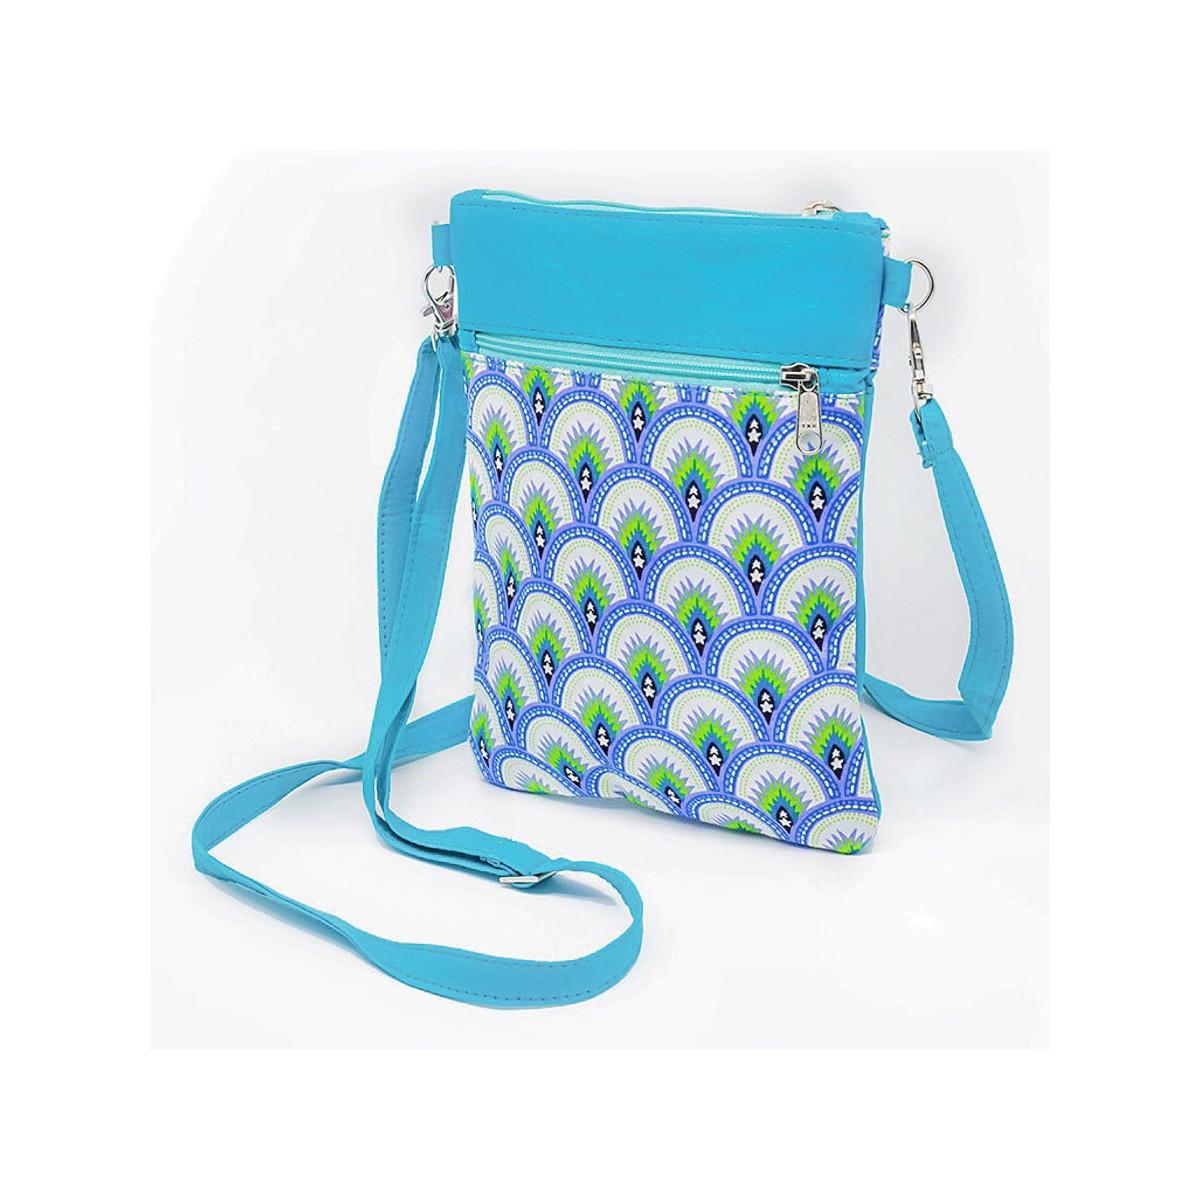 Pochette de voyage bandoulière tissu bleu